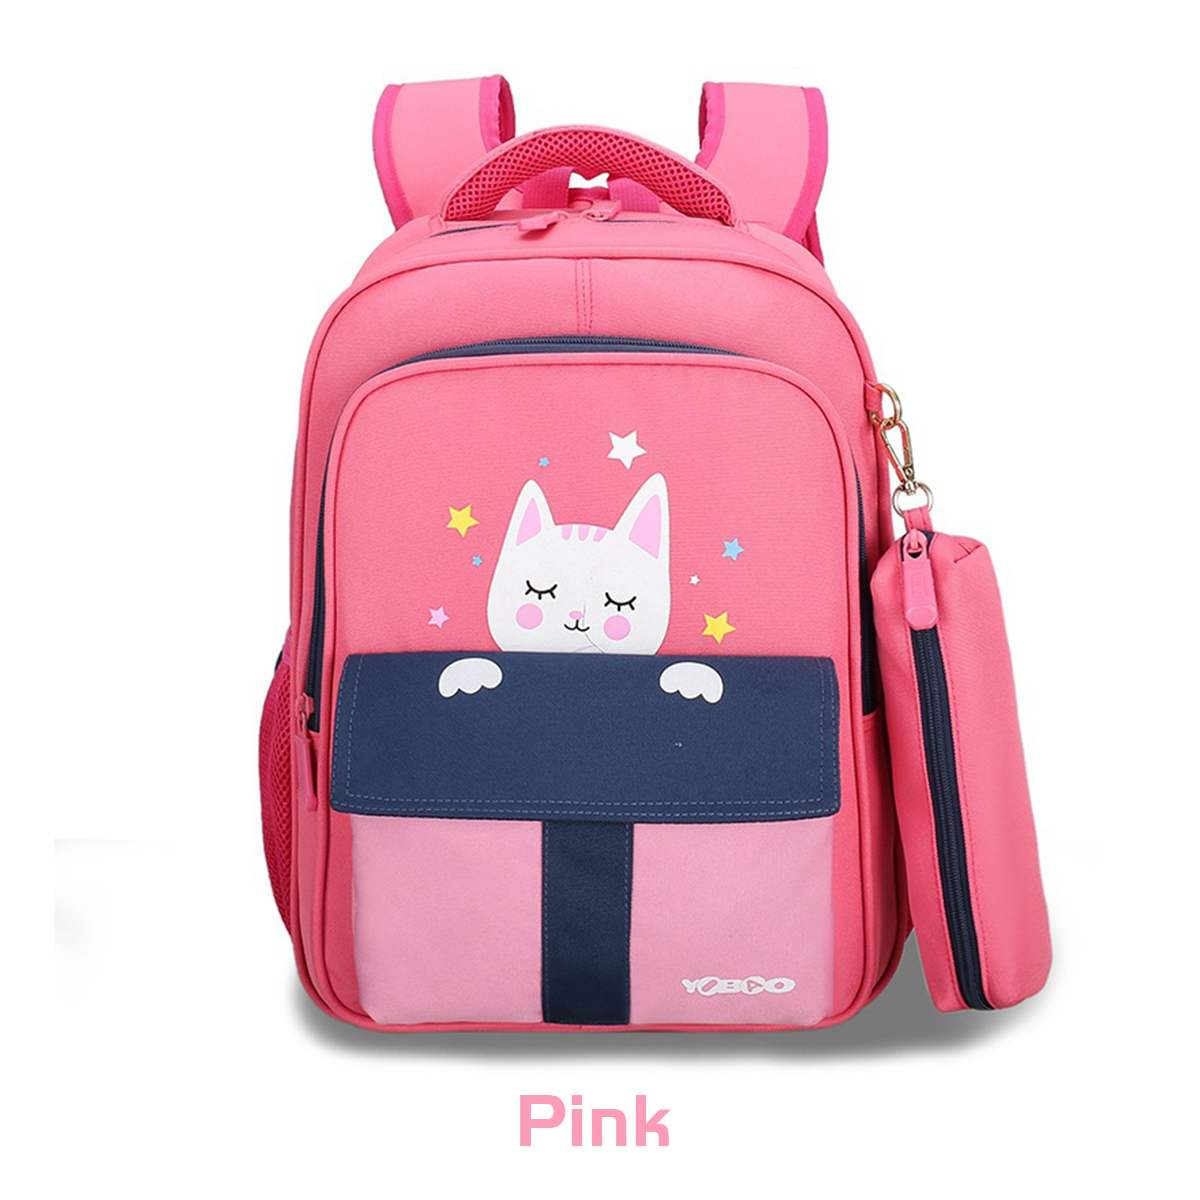 Bolsas para la escuela de niñas lindo encantador mochila para niños de caricaturas gato Rana ~ Animal mochila escolar de niños de primaria